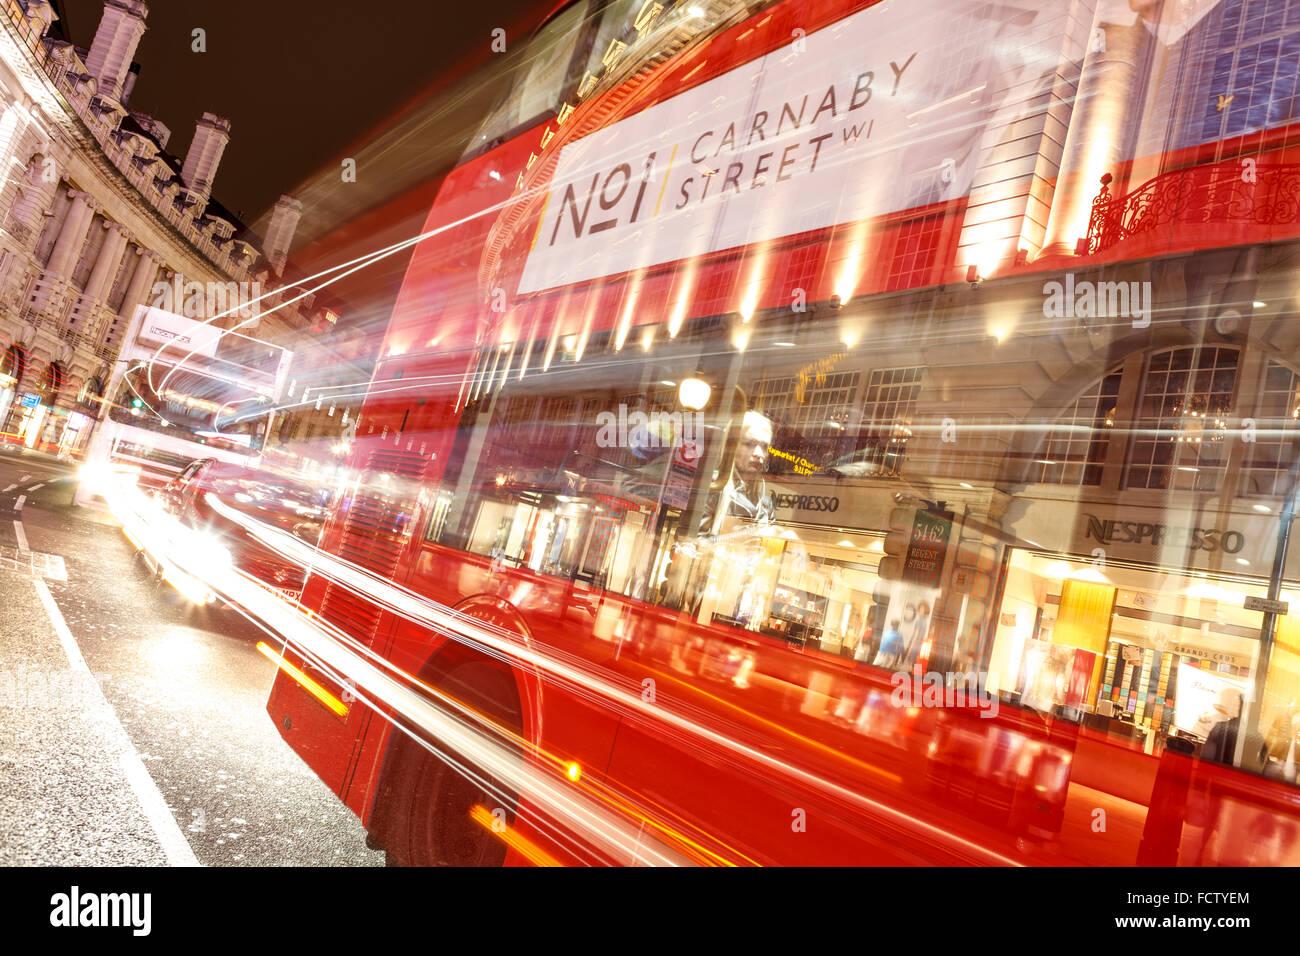 Roter Bus an der Regent Street in London. Unscharfe Lichter aus langen Verschlusszeiten. Stockbild